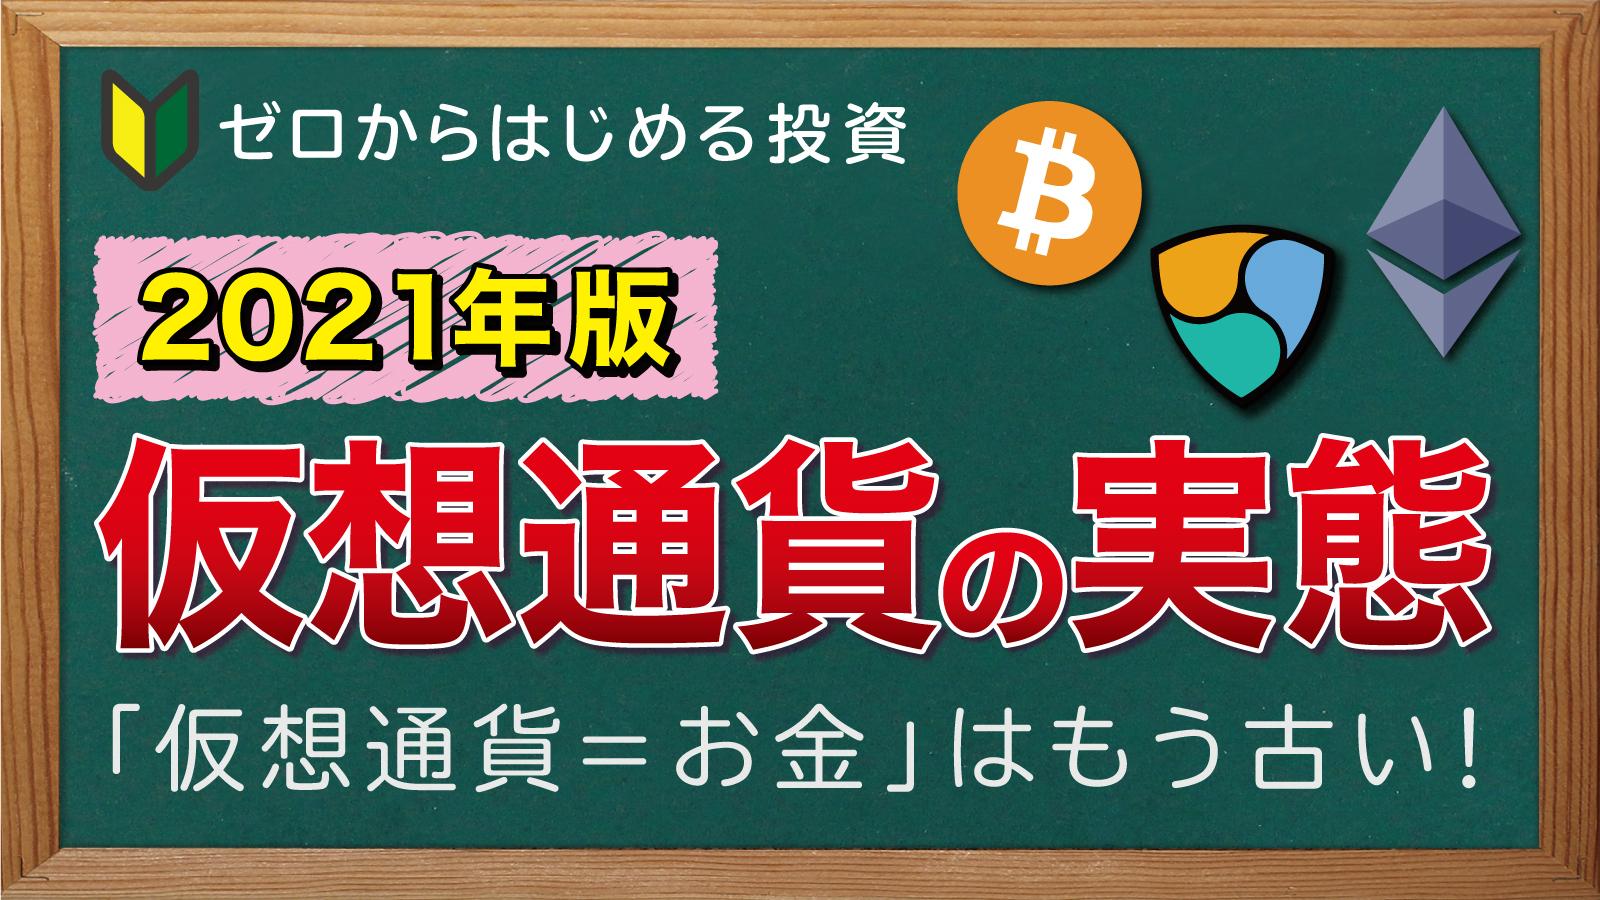 【認識をアップデート】世界は今、仮想通貨をどう捉えているのか?